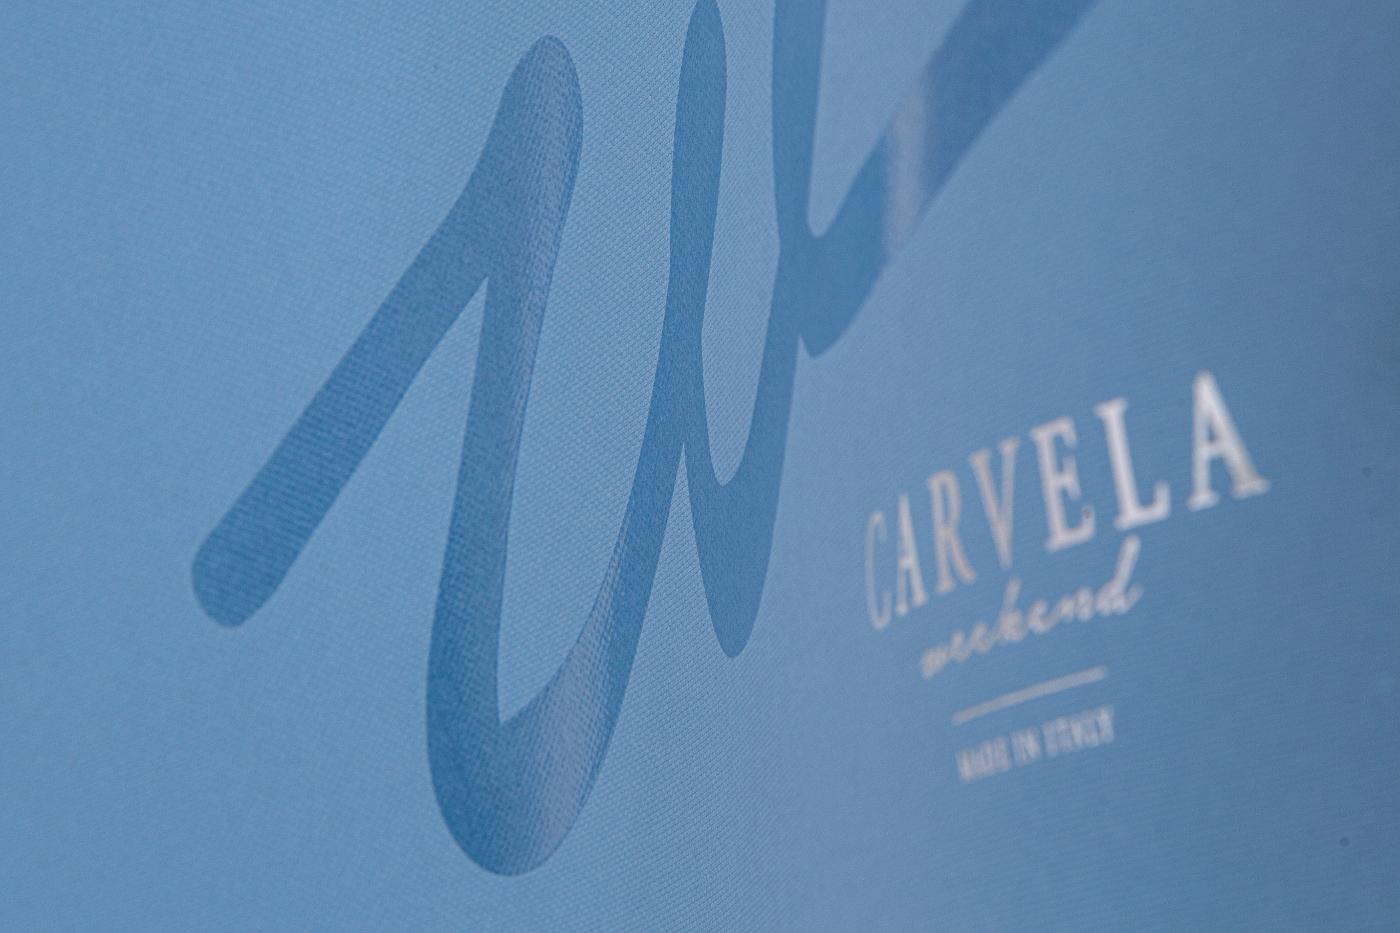 Carta colorata in pasta goffrata con una texture effetto tessuto e verniciatura serigrafica trasparente lucida